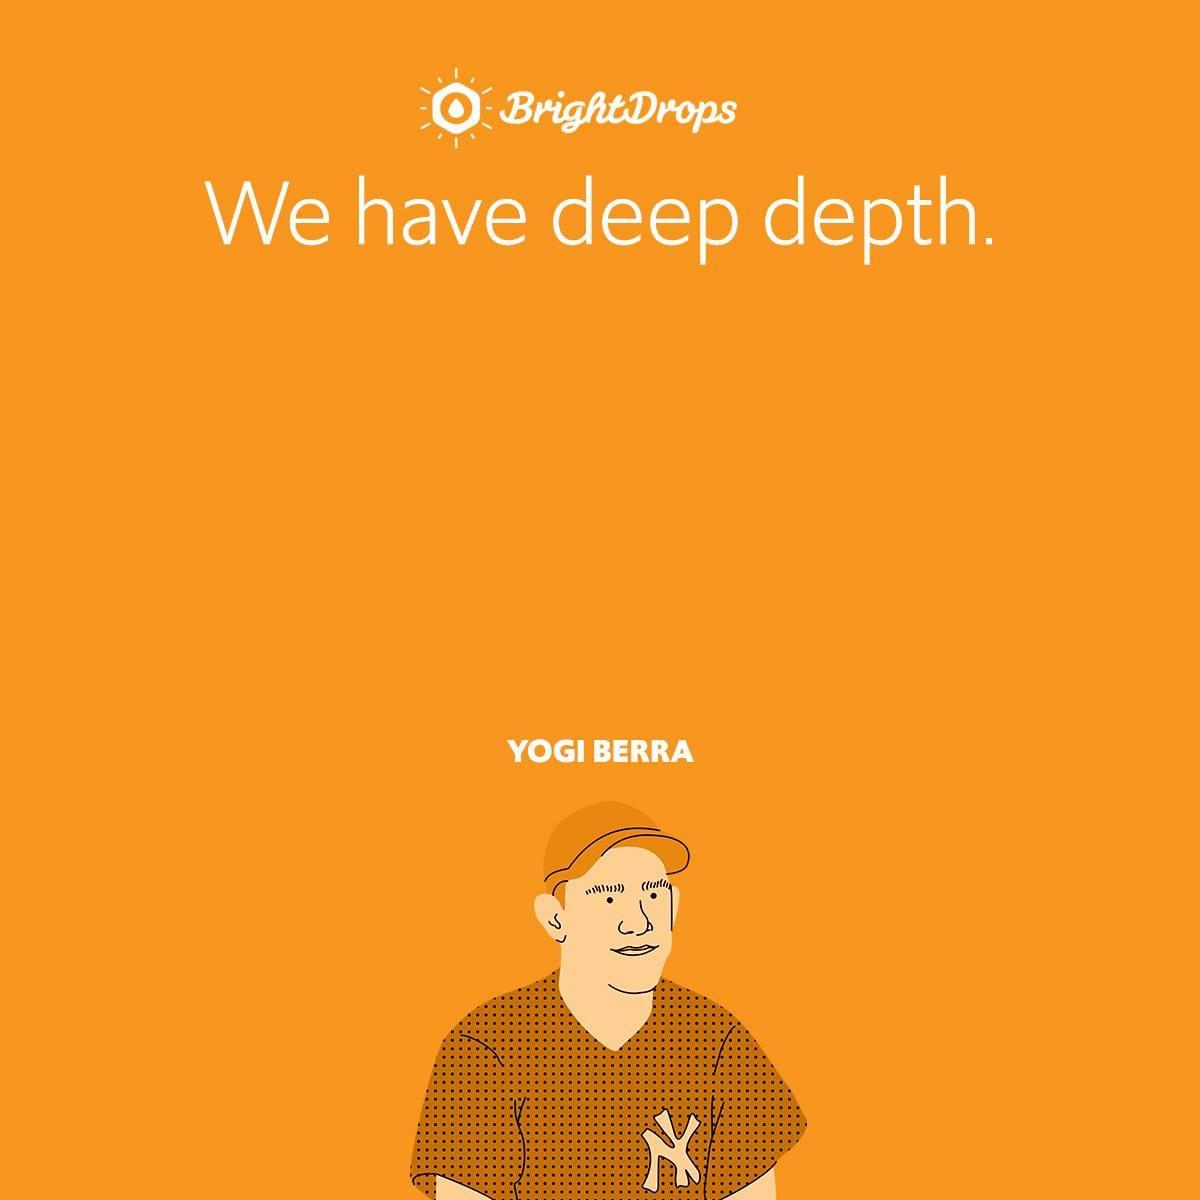 We have deep depth.